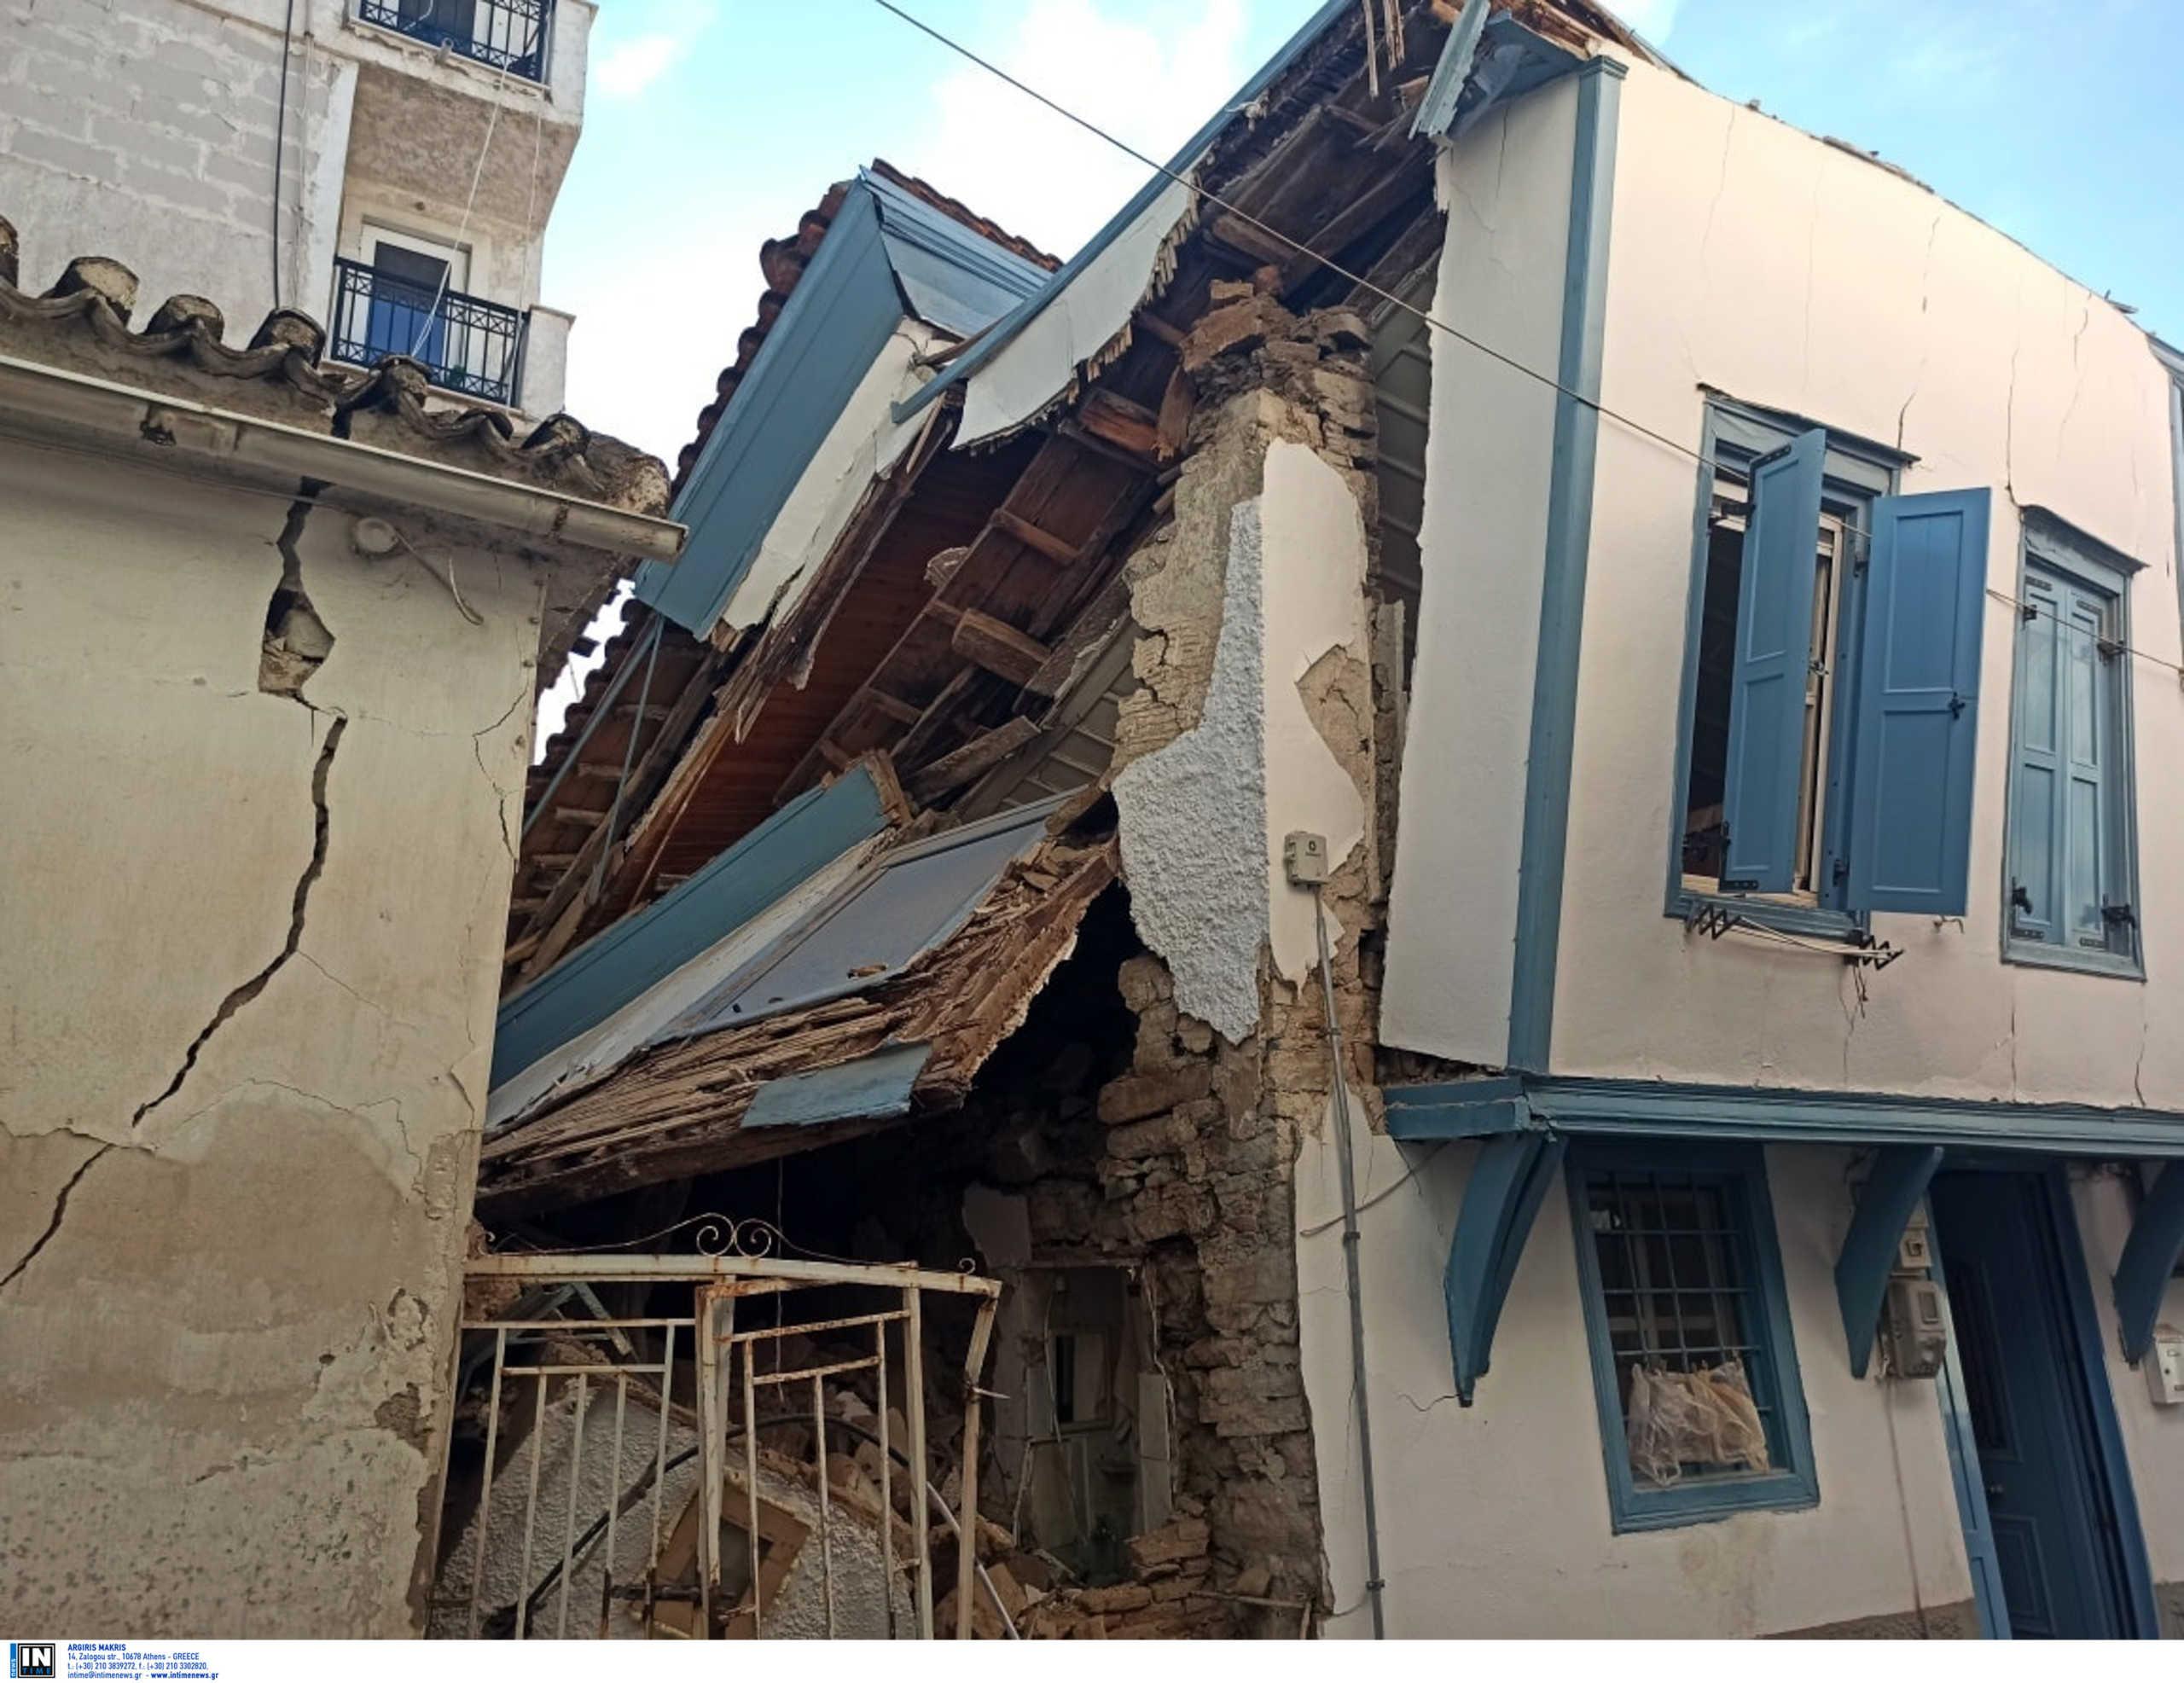 Σάμος: 300 κτίρια έχουν κριθεί μη κατοικήσιμα μέχρι στιγμής